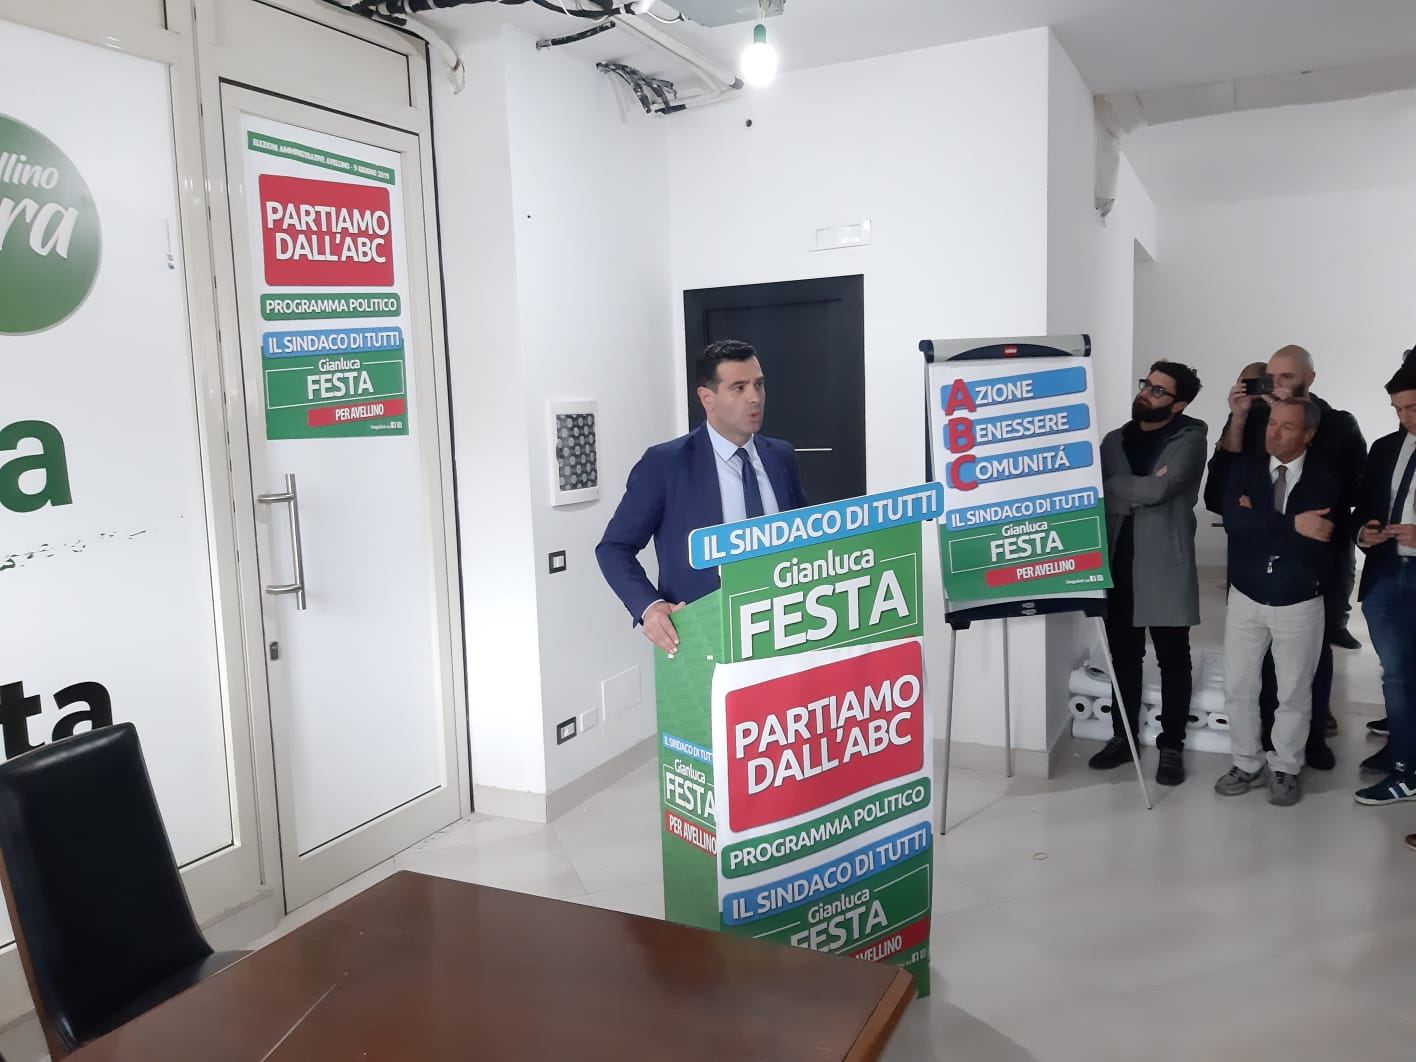 Avellino| Elezioni, Festa: è stata la vittoria del cuore della città, saranno 5 anni fantastici